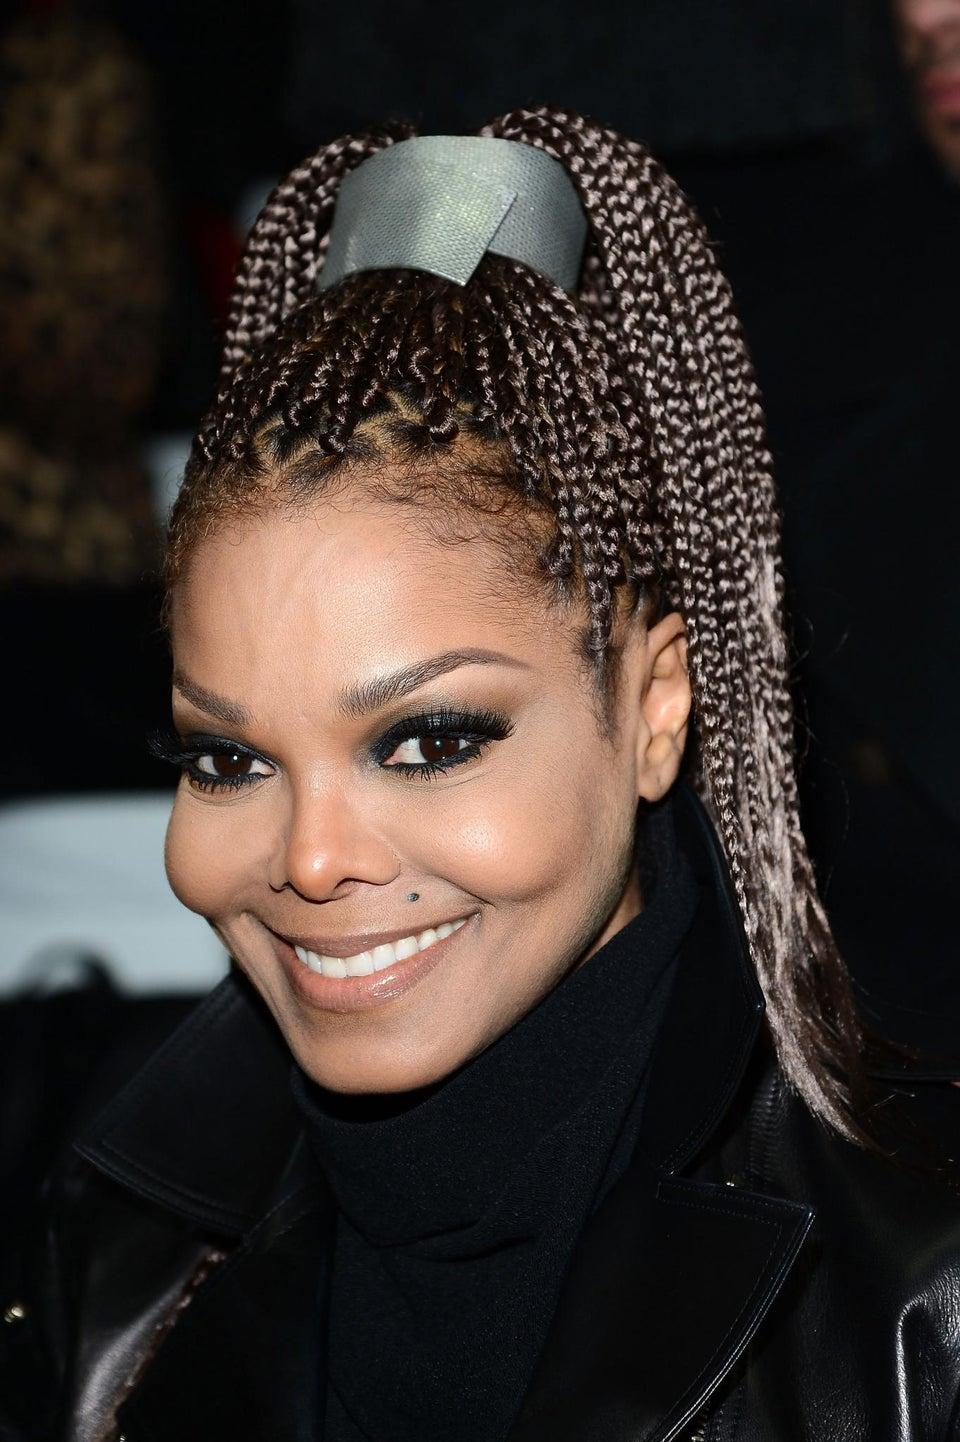 Janet Jackson Announces Plans for 'New Project'